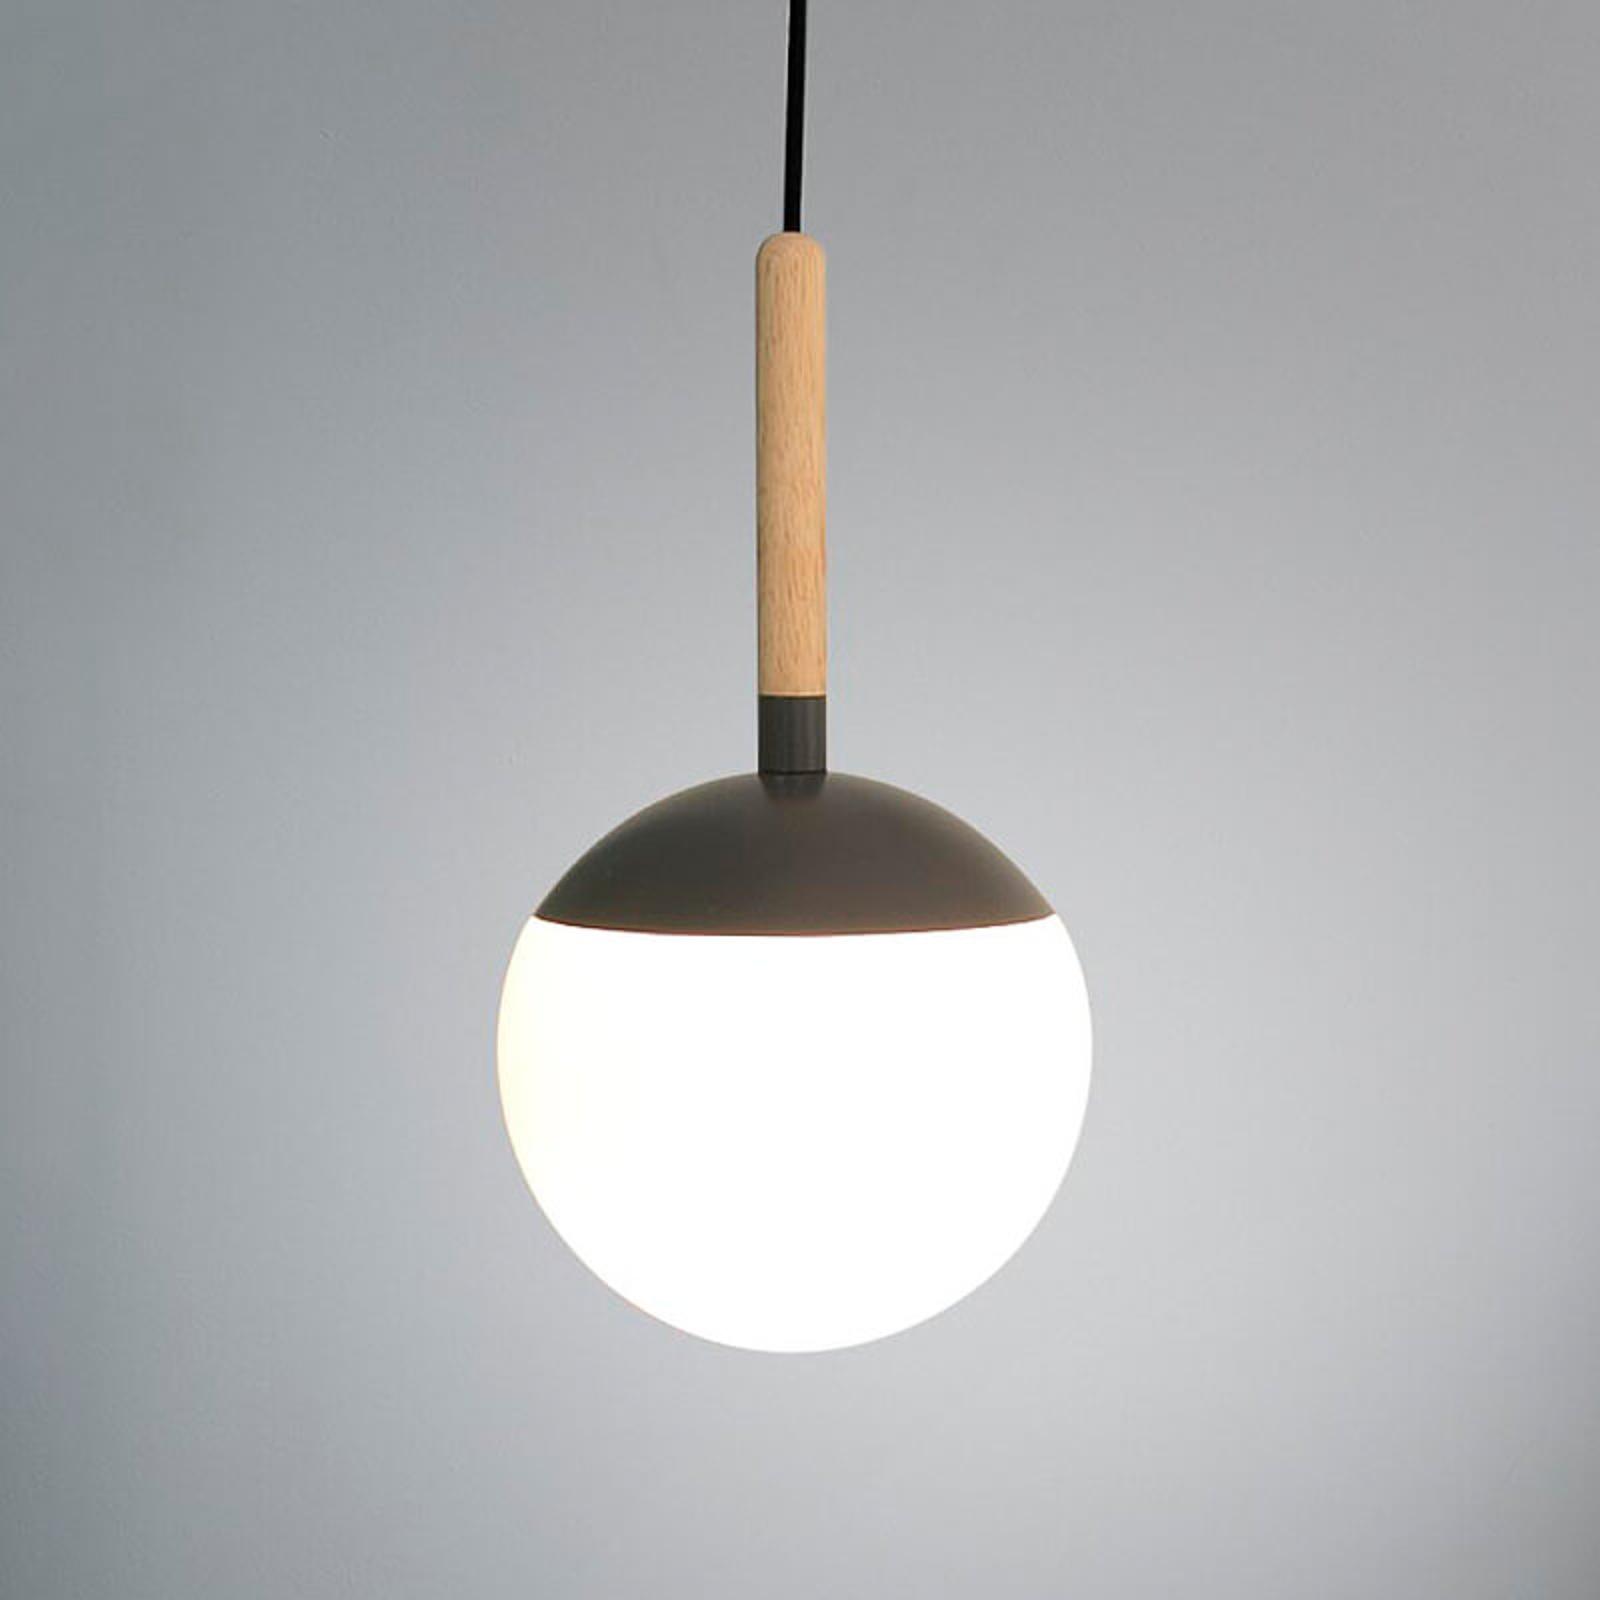 Acquista Elemento grigio scuro - Lampada a sospensione Mina